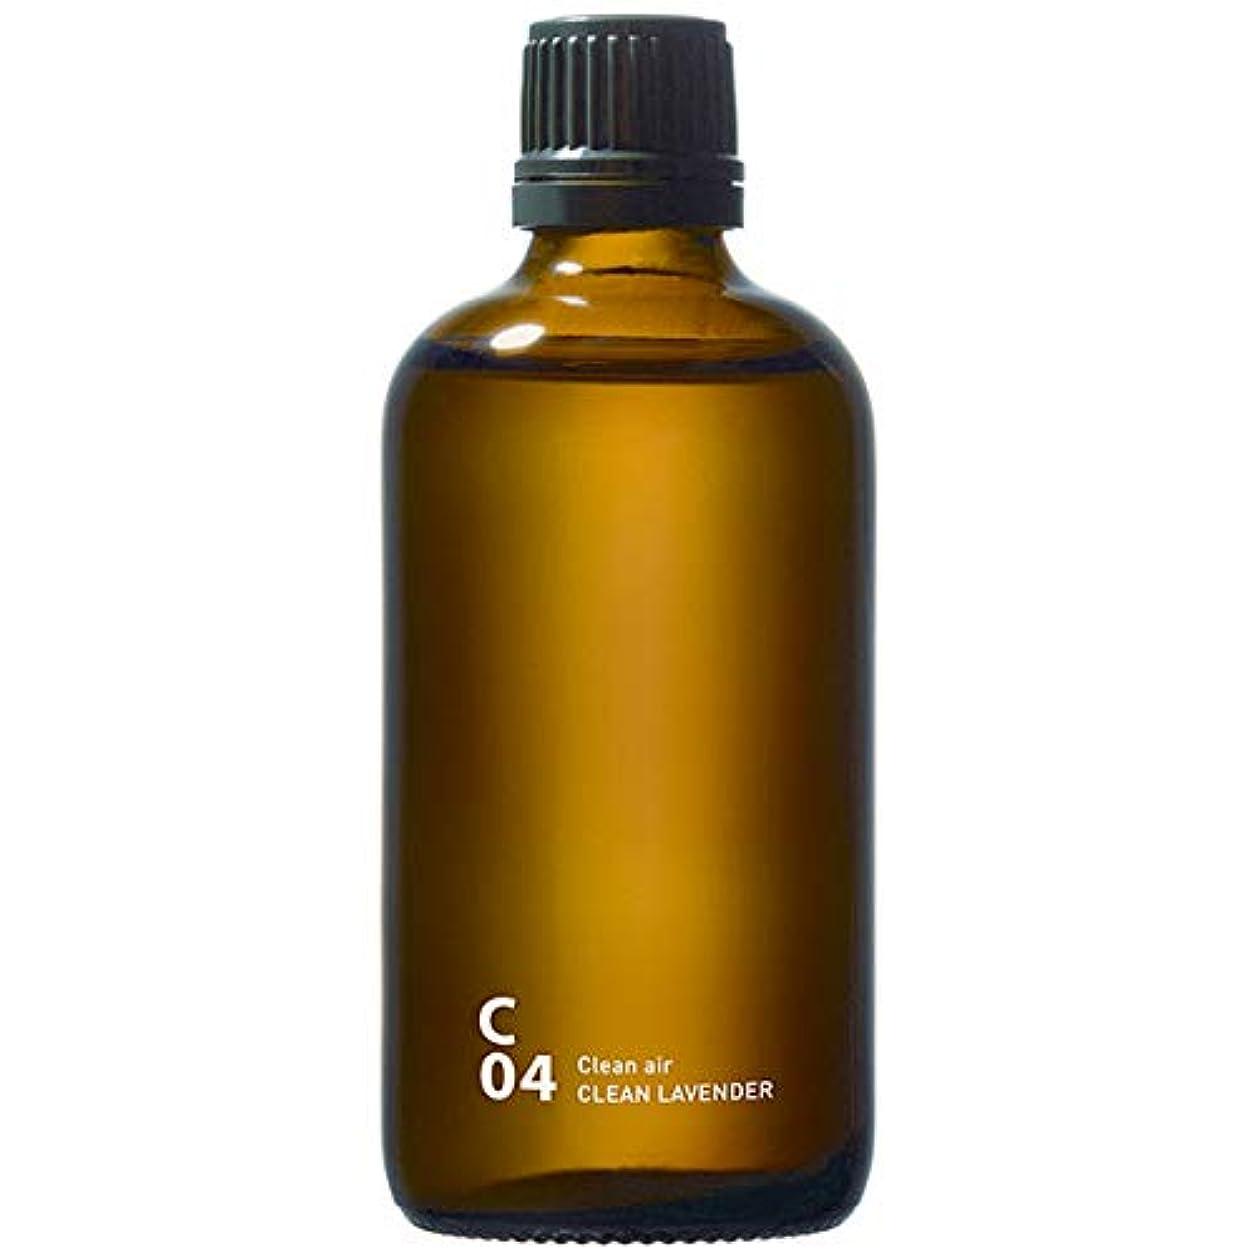 九時四十五分でる薄めるC04 CLEAN LAVENDER piezo aroma oil 100ml